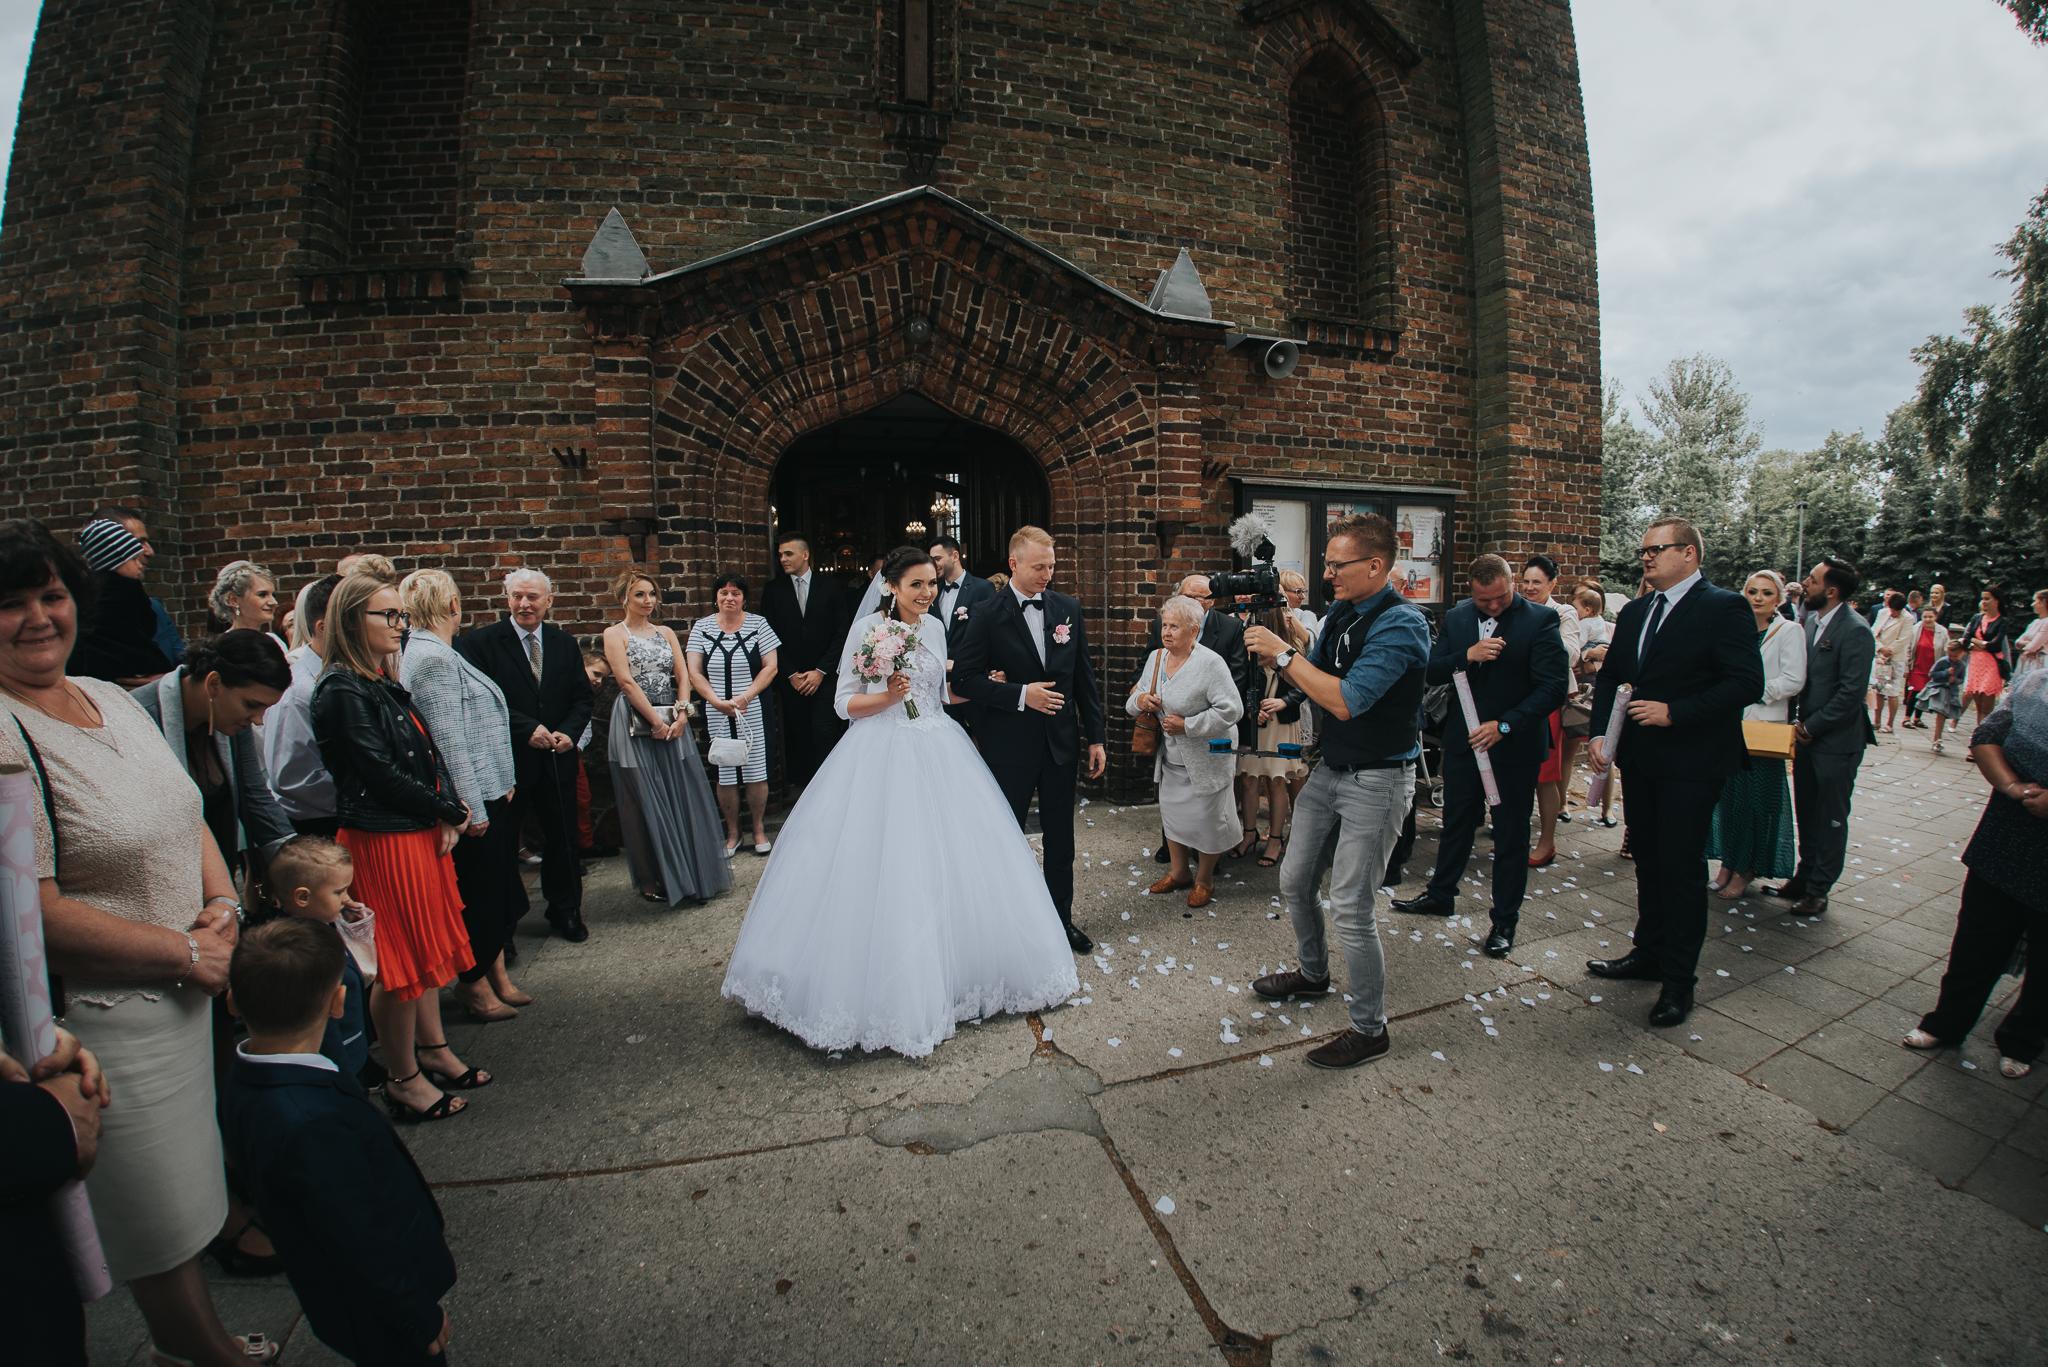 0418_Kamila&Dawid________fotoreportaz_ze_slubu_kotlin_wesela_jaraczewo_sala_glinkowscy__fotografia_slubna_www_amfoto_pl_AMF_1207.jpg